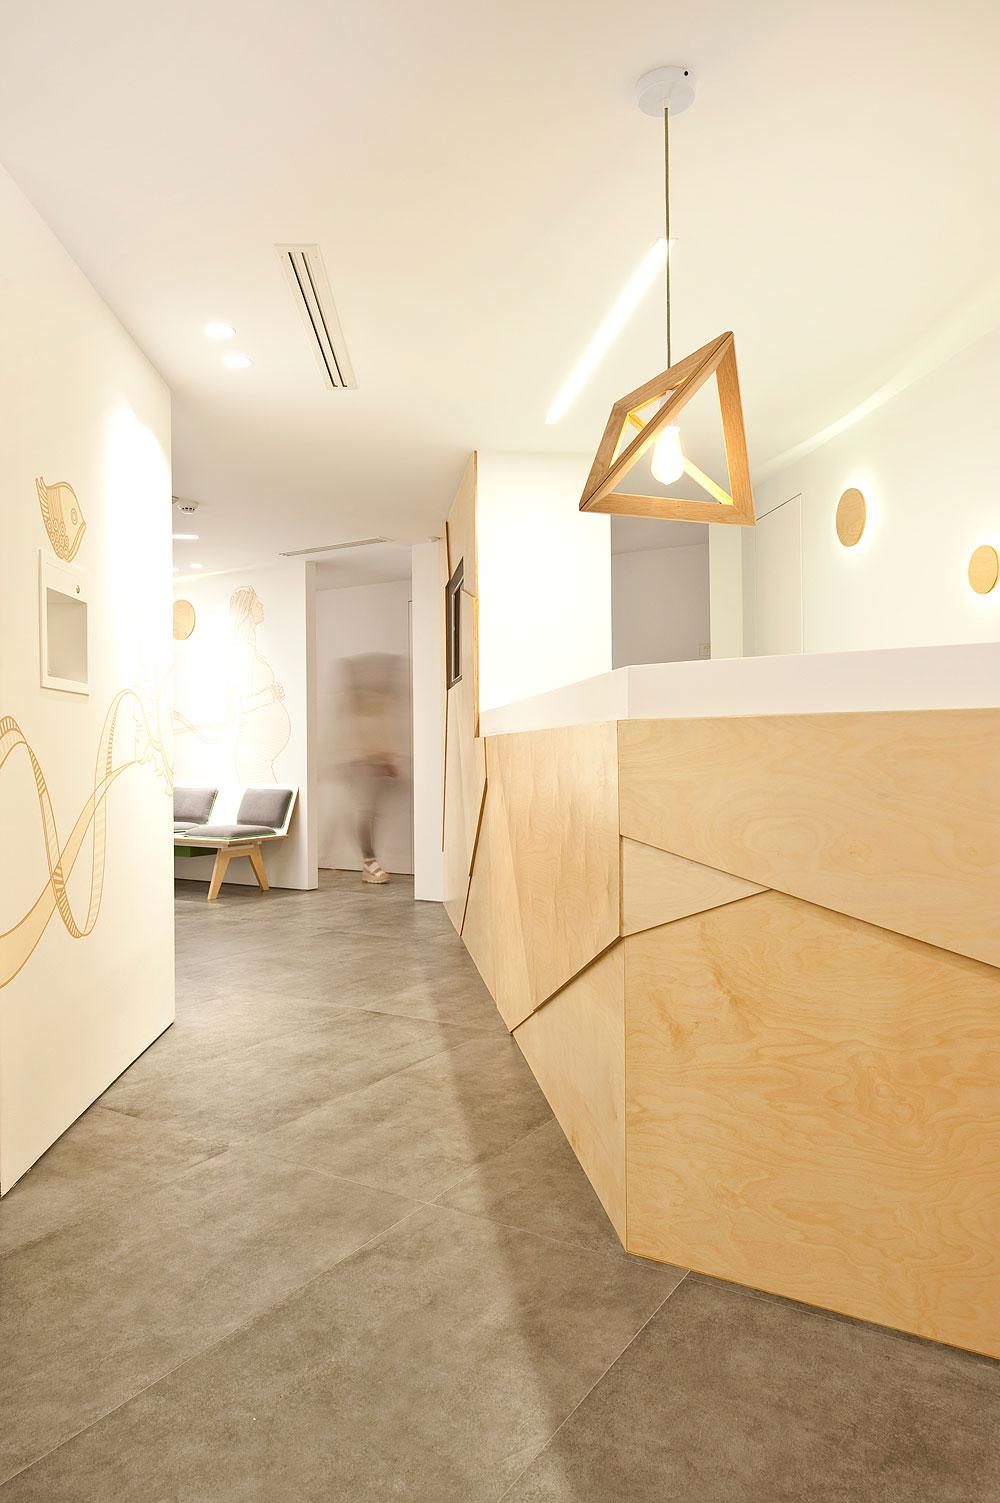 consultorio-medico-tesalonica-mal-vi-architects (13)